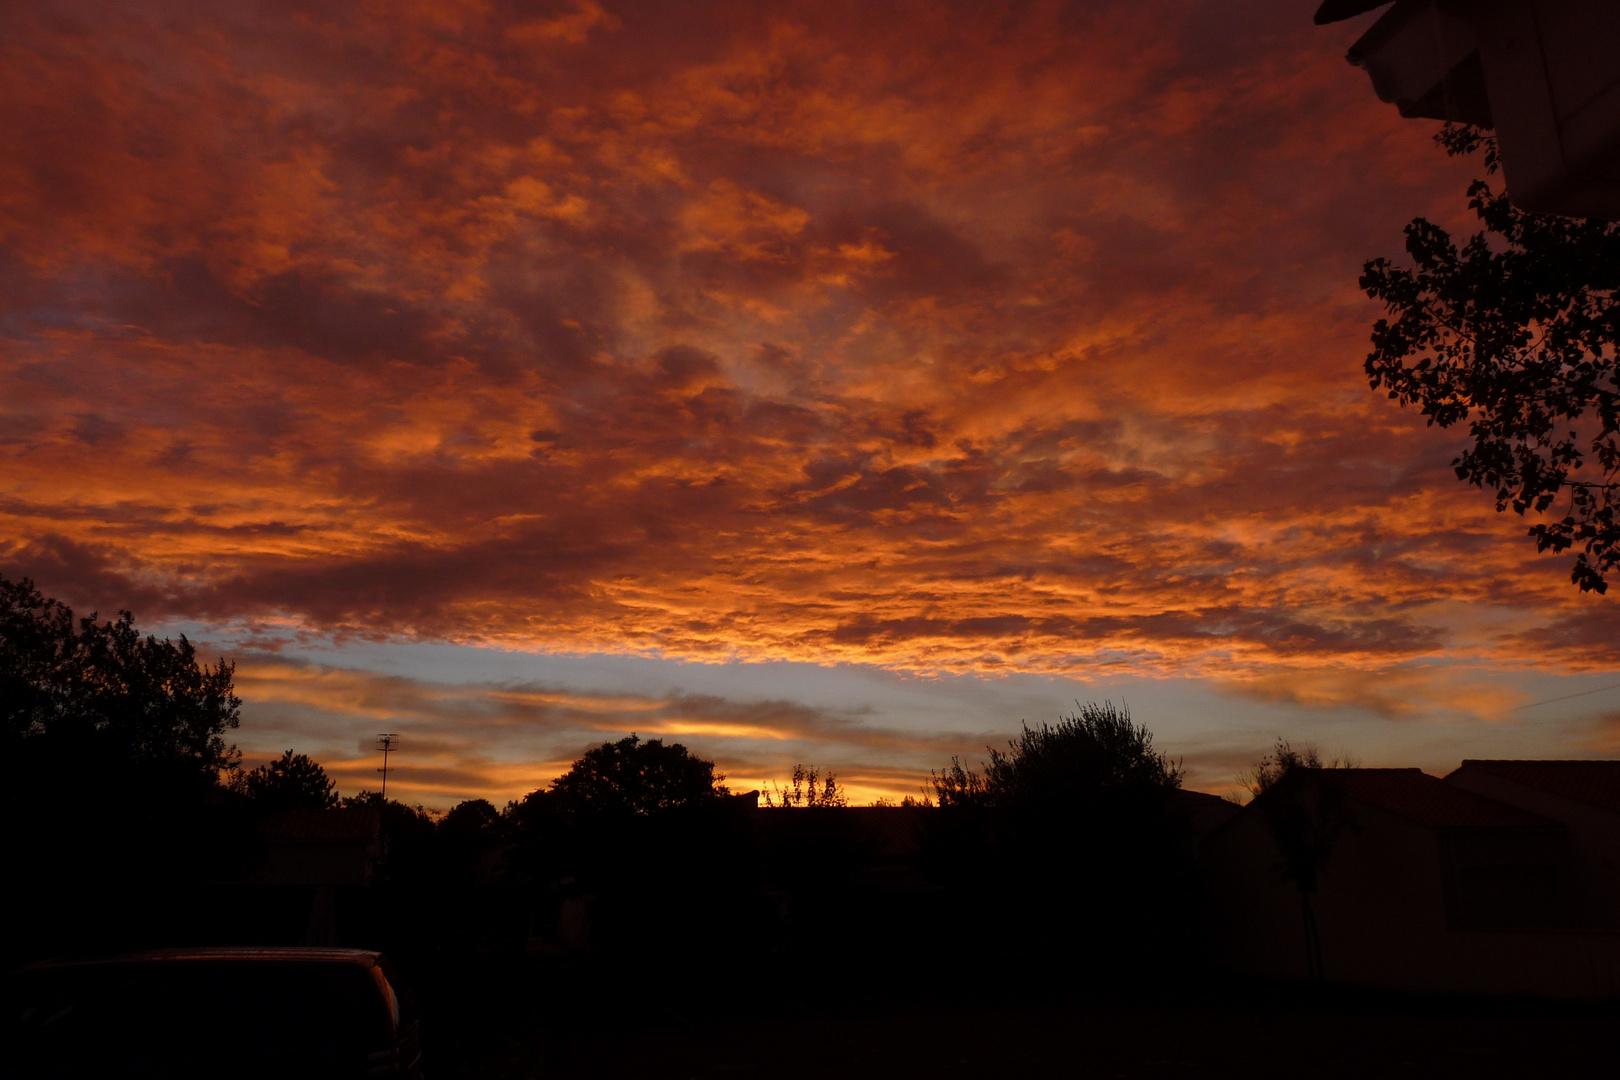 une soirée d'octobre en Vendée